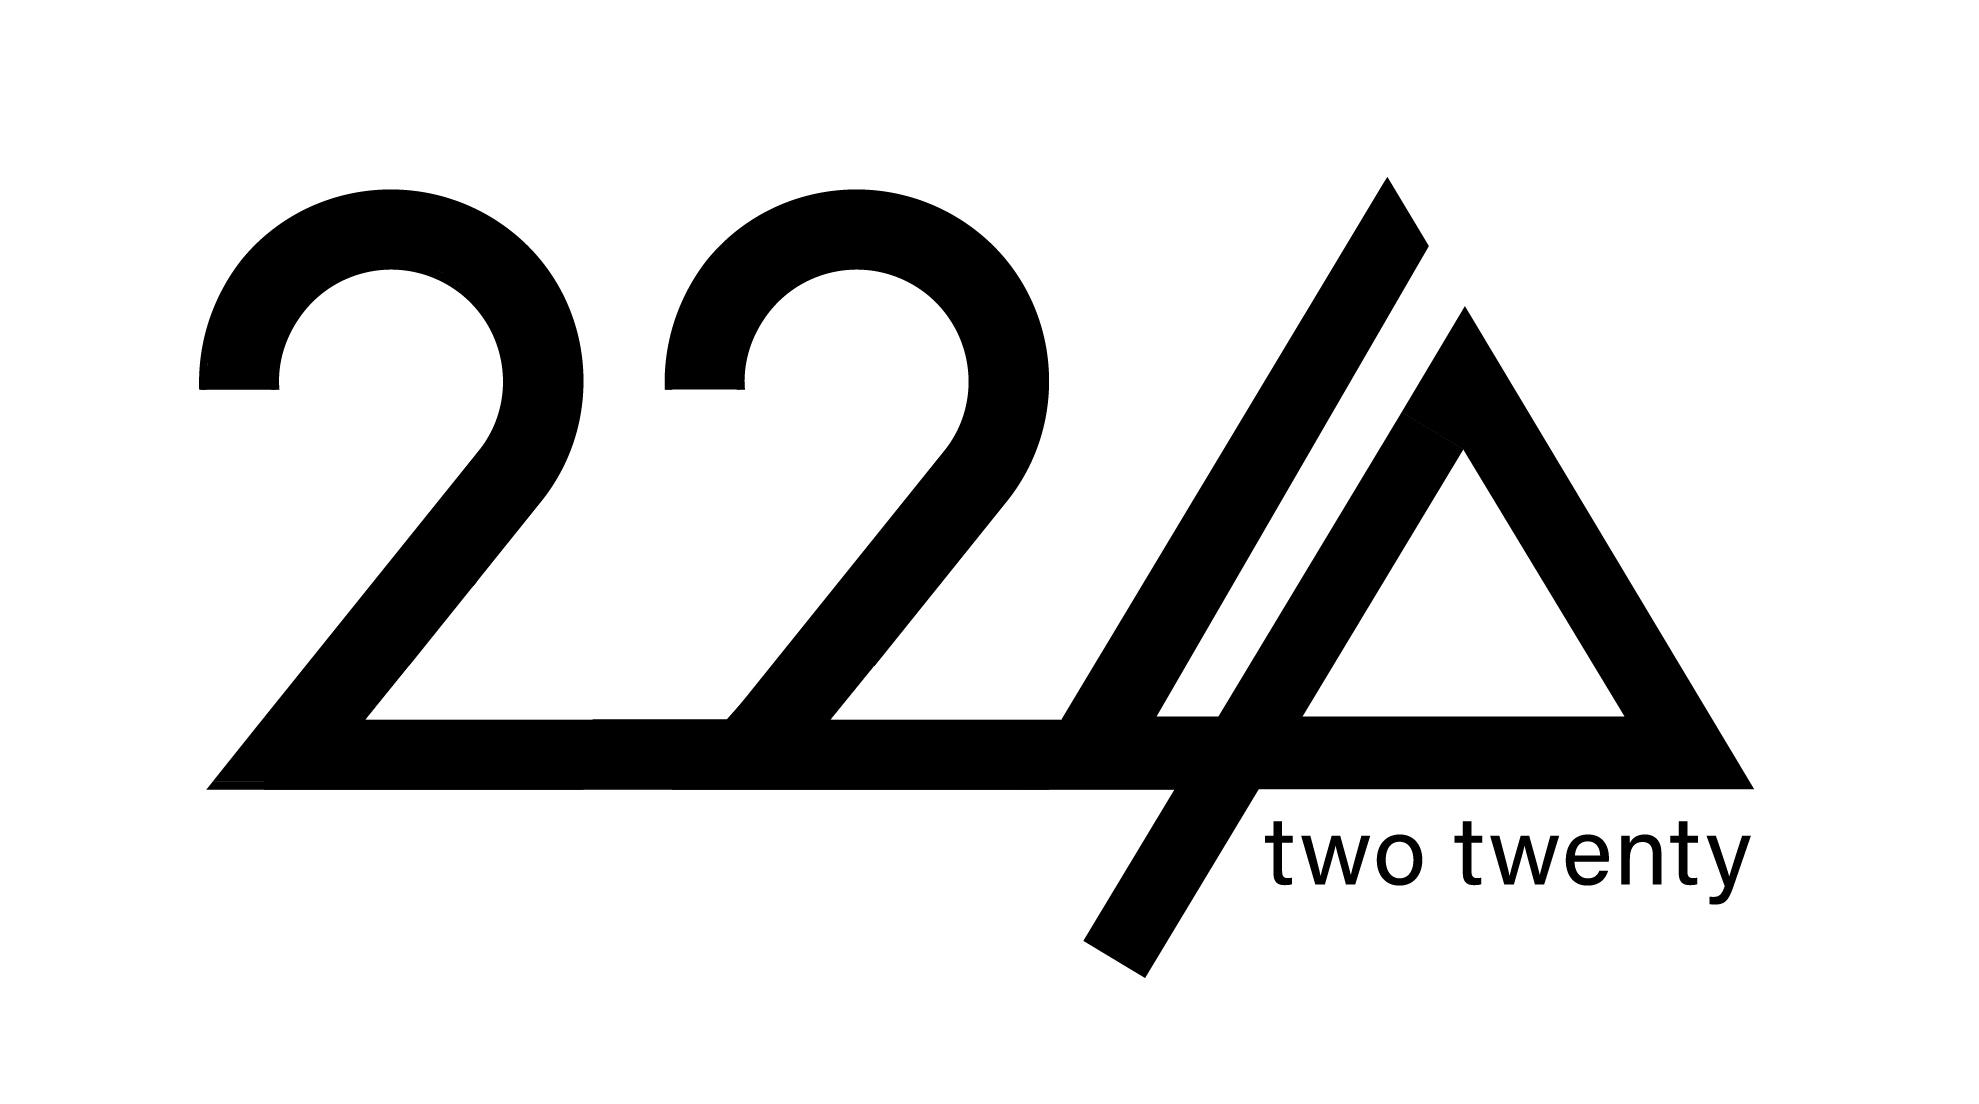 220_Logo_04102019_WEB.jpg